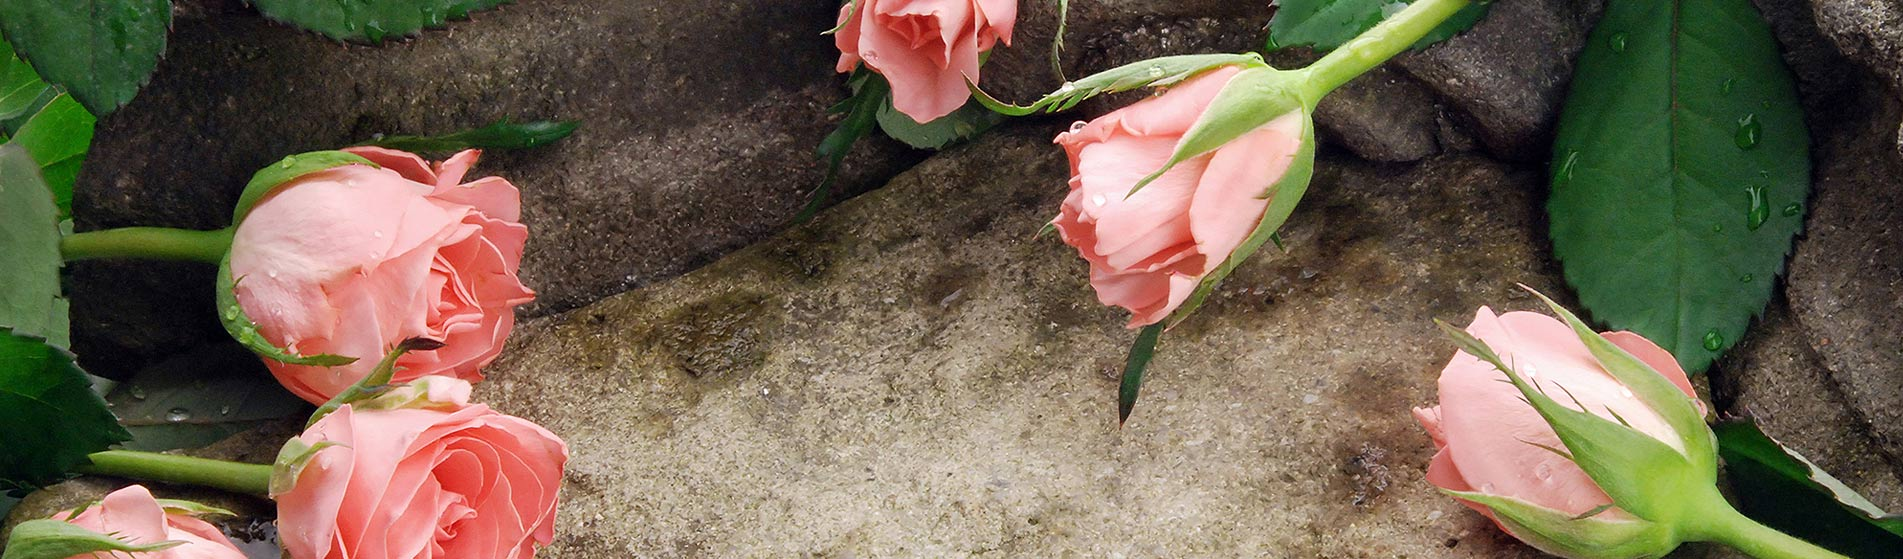 Hamvasztásos vagy koporsós temetés Pécs